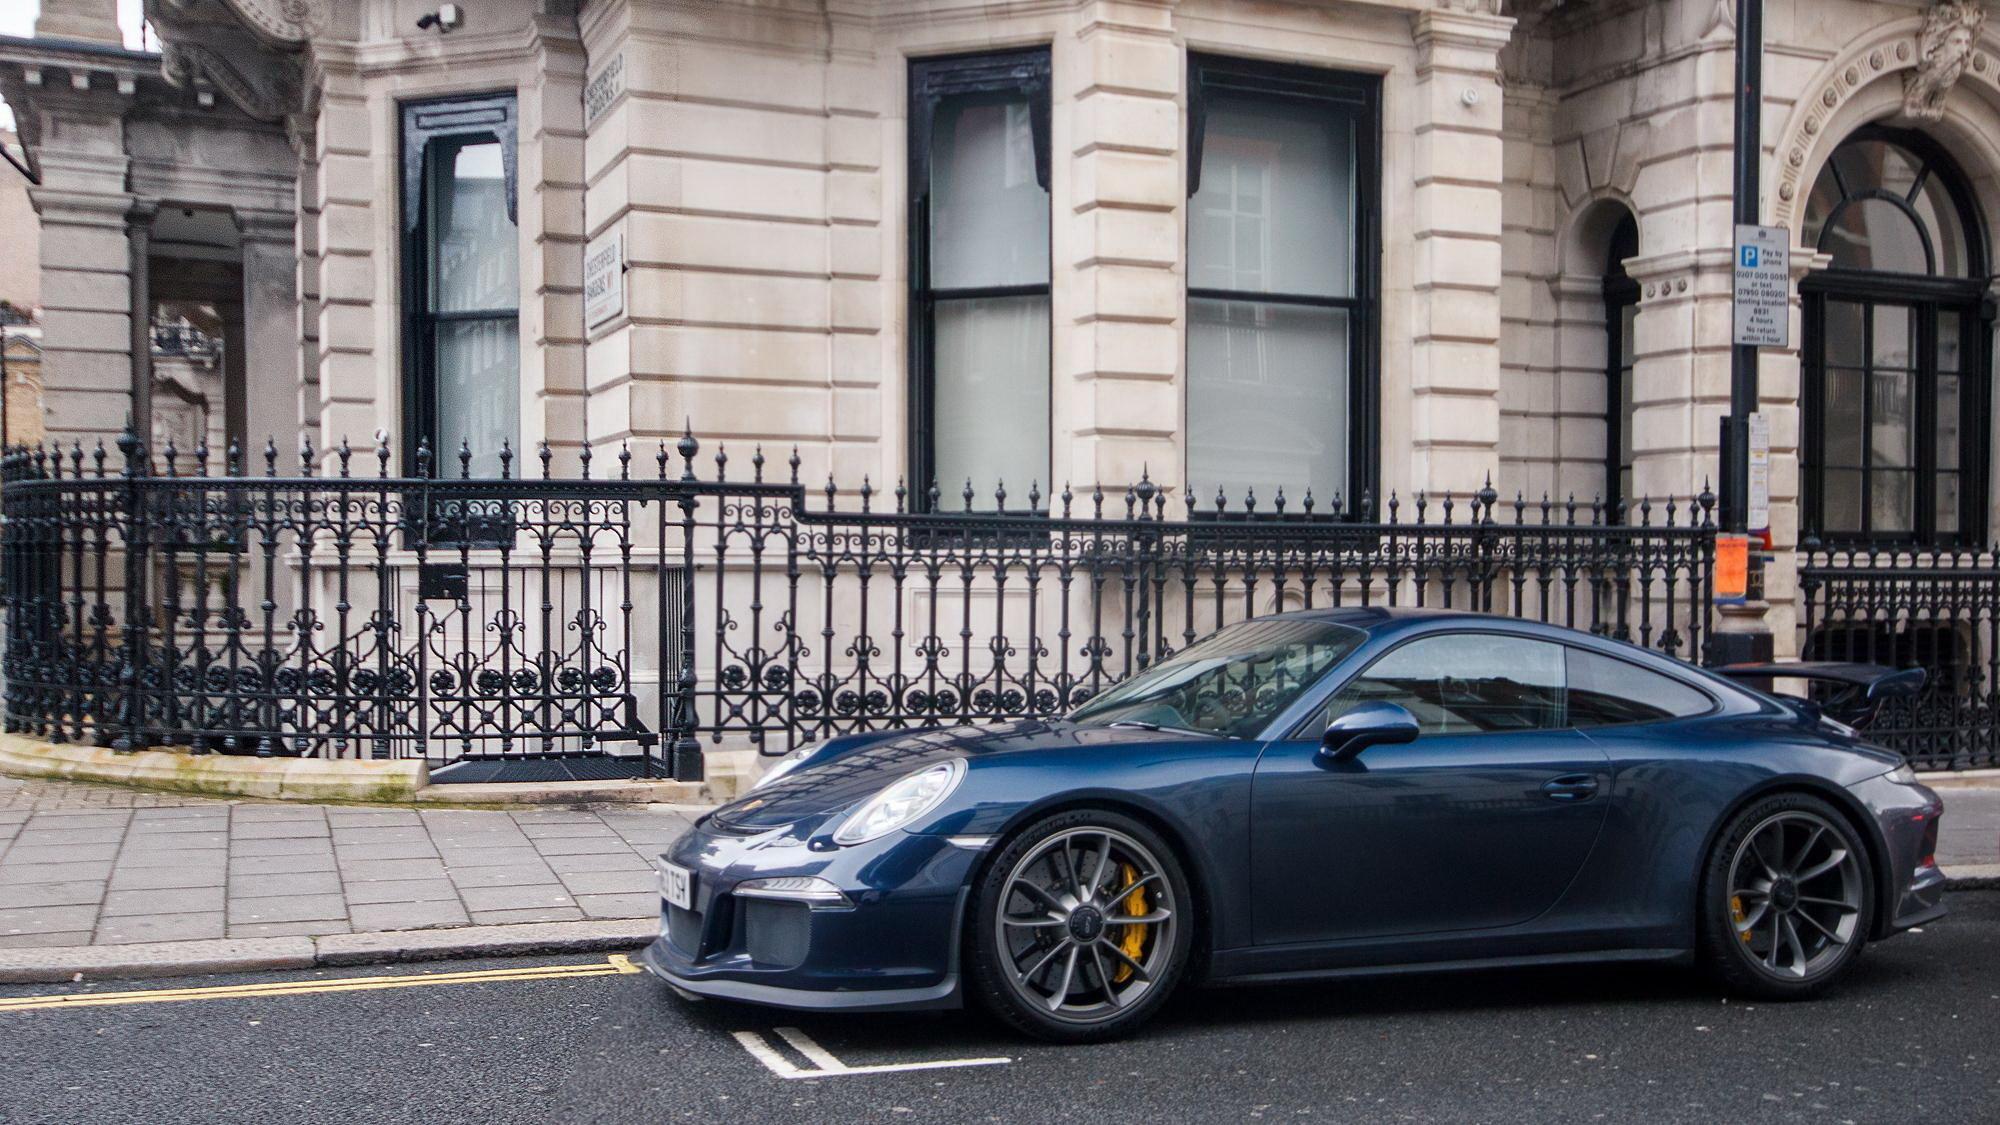 Supercar 991 London Blue Gt3 Porsche 4k Ultra Hd Wallpaper